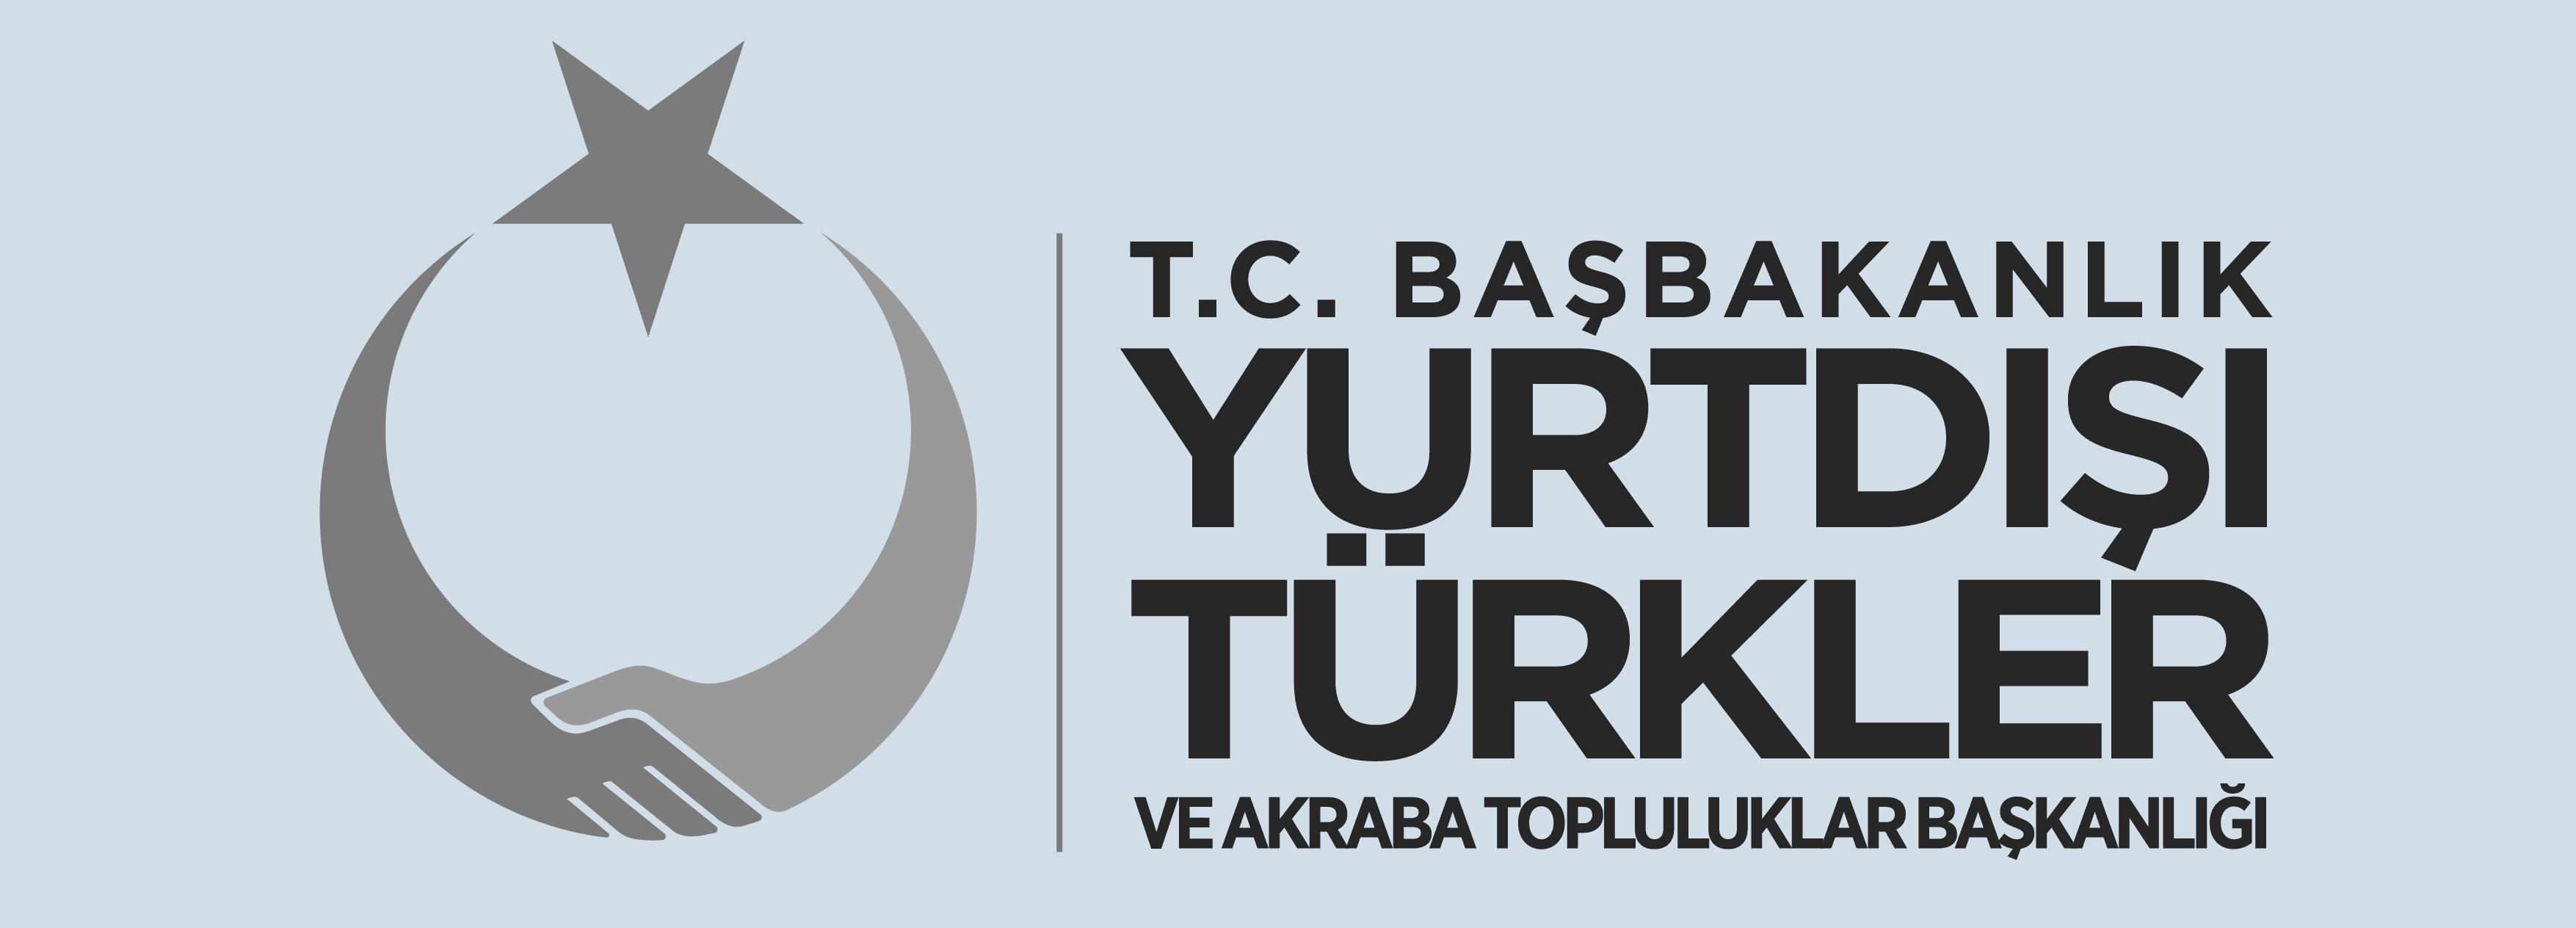 ytb-logo-yatay-yaldiz-2